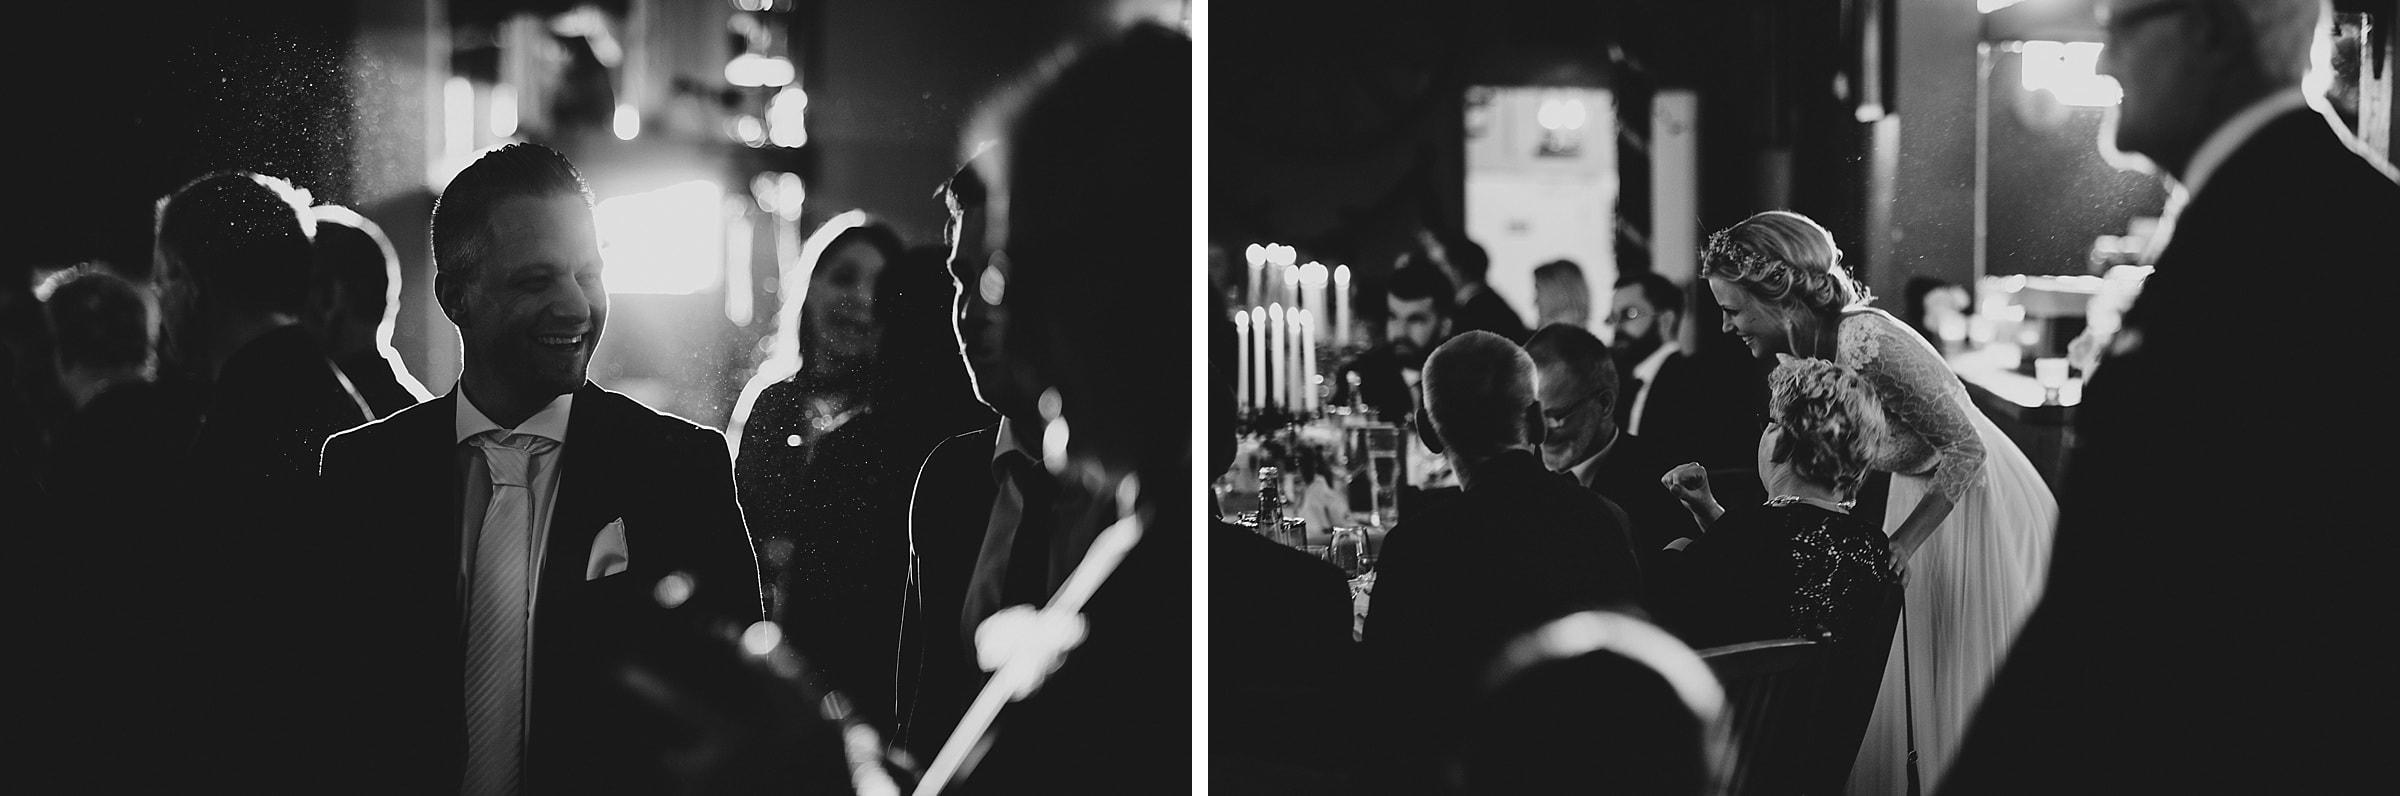 Hochzeitsfotografie Hamburg-Frau-Siemers-Gut Basthorst- in der Location Gast im Gegenlicht